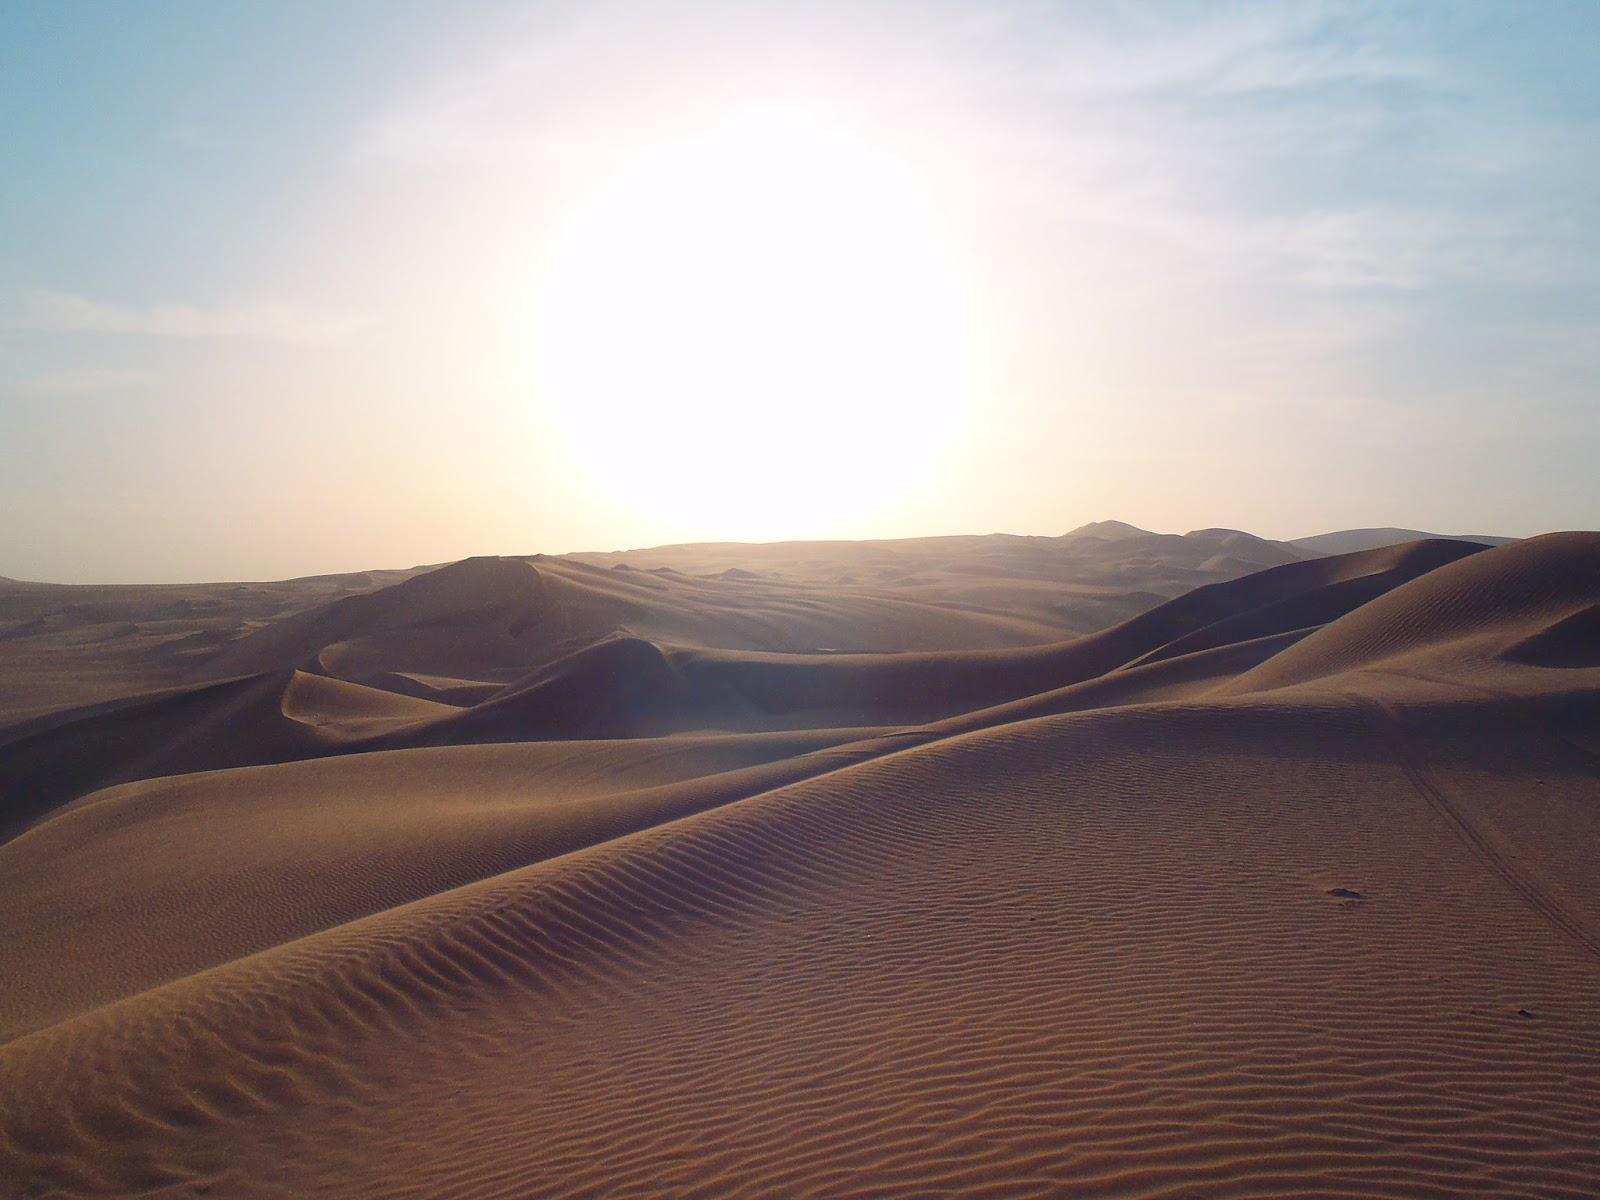 Sand dunes in Huacachina